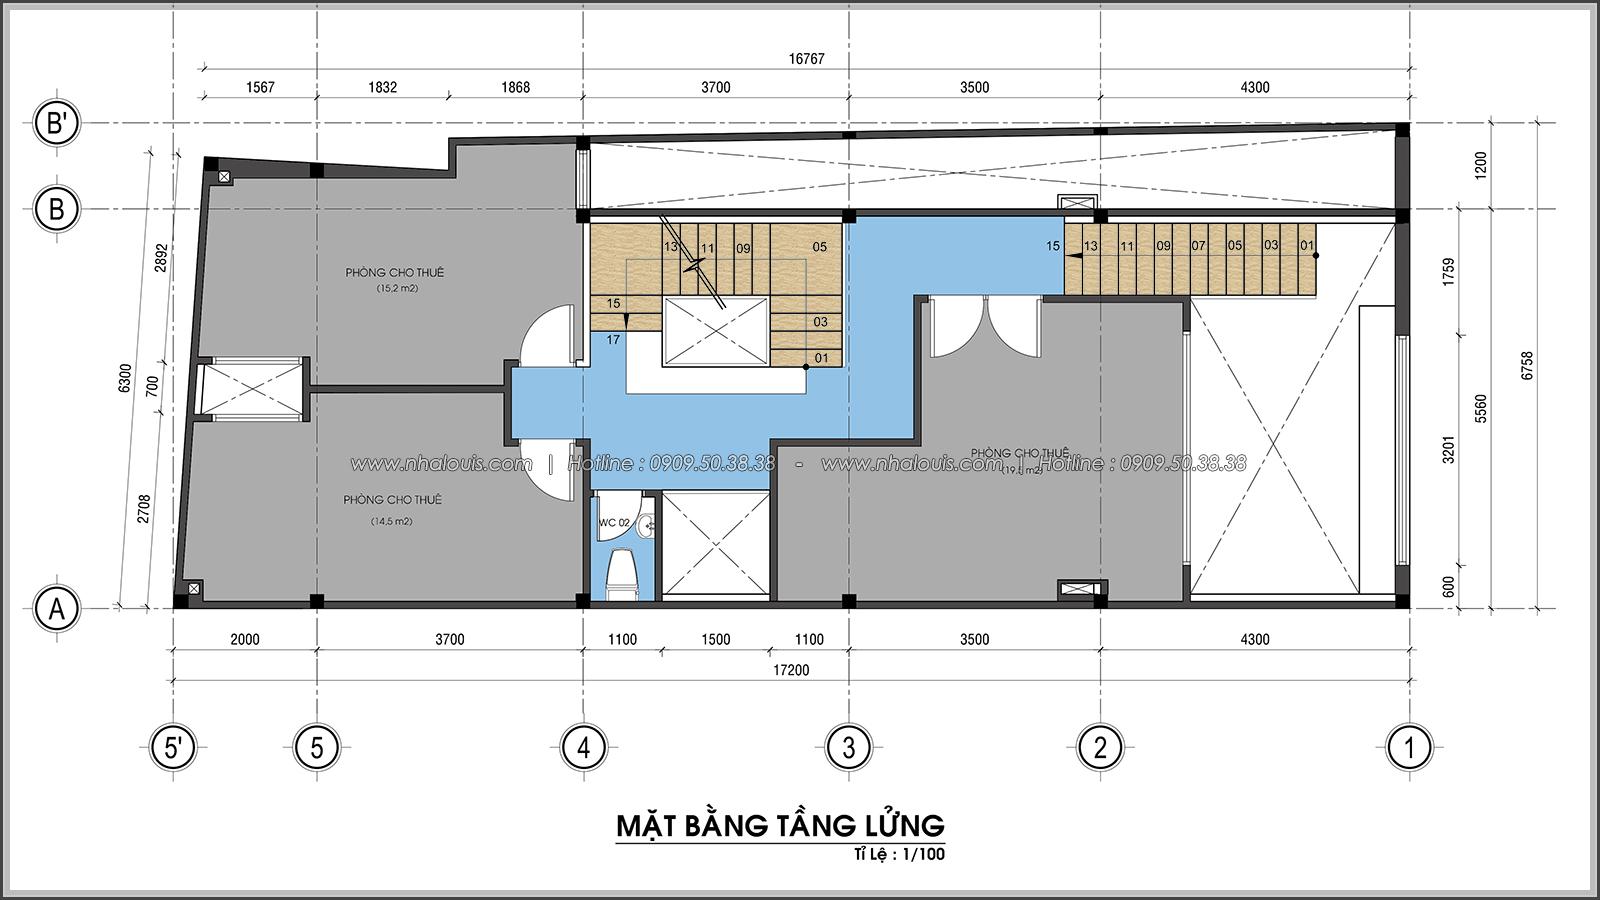 Thiết kế nhà trọ cho thuê cao cấp tiết kiệm chi phí và hiệu quả tại Tân Bình - 05